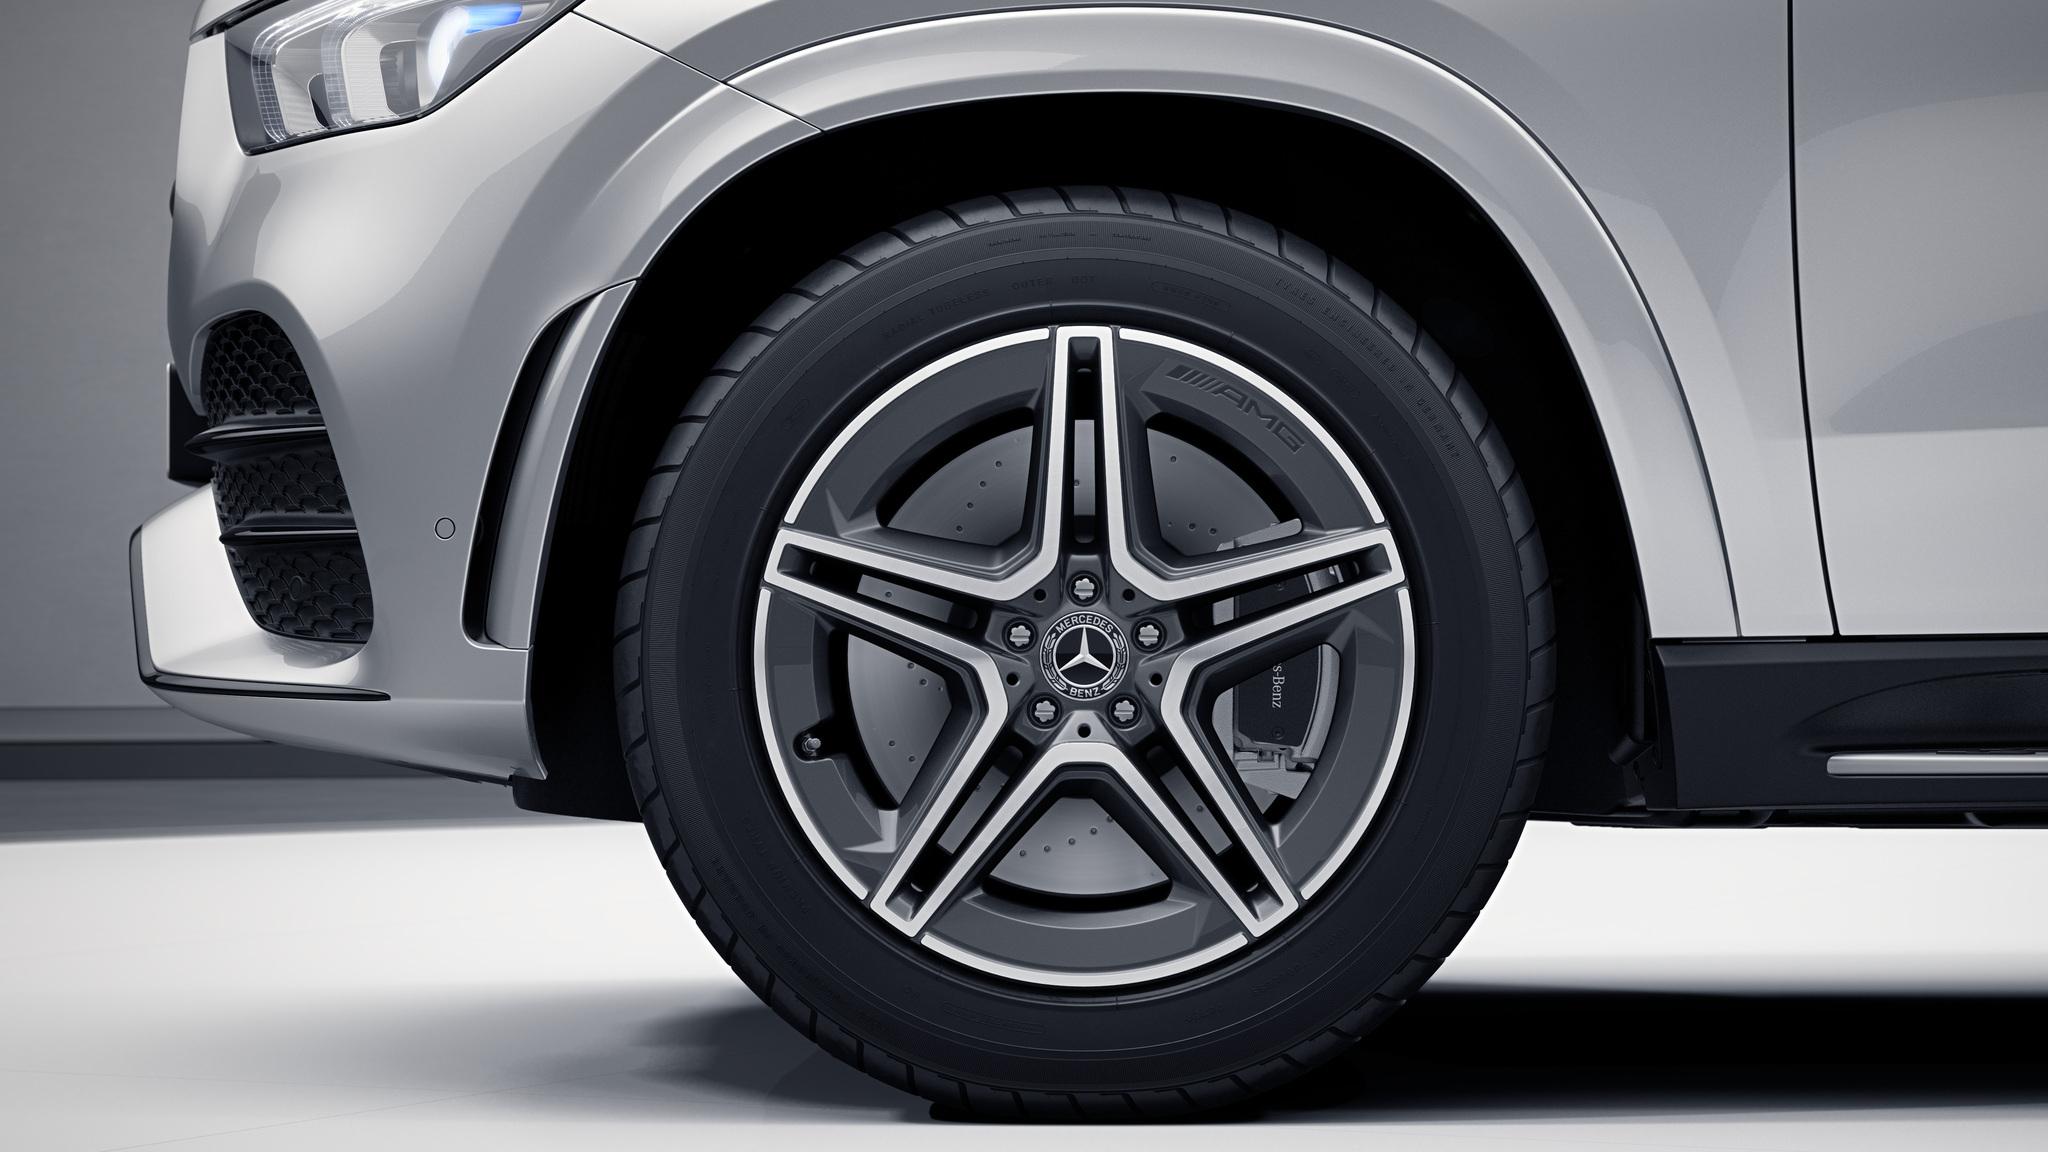 Jantes AMG 20'' à 5 doubles branches de la Mercedes GLE